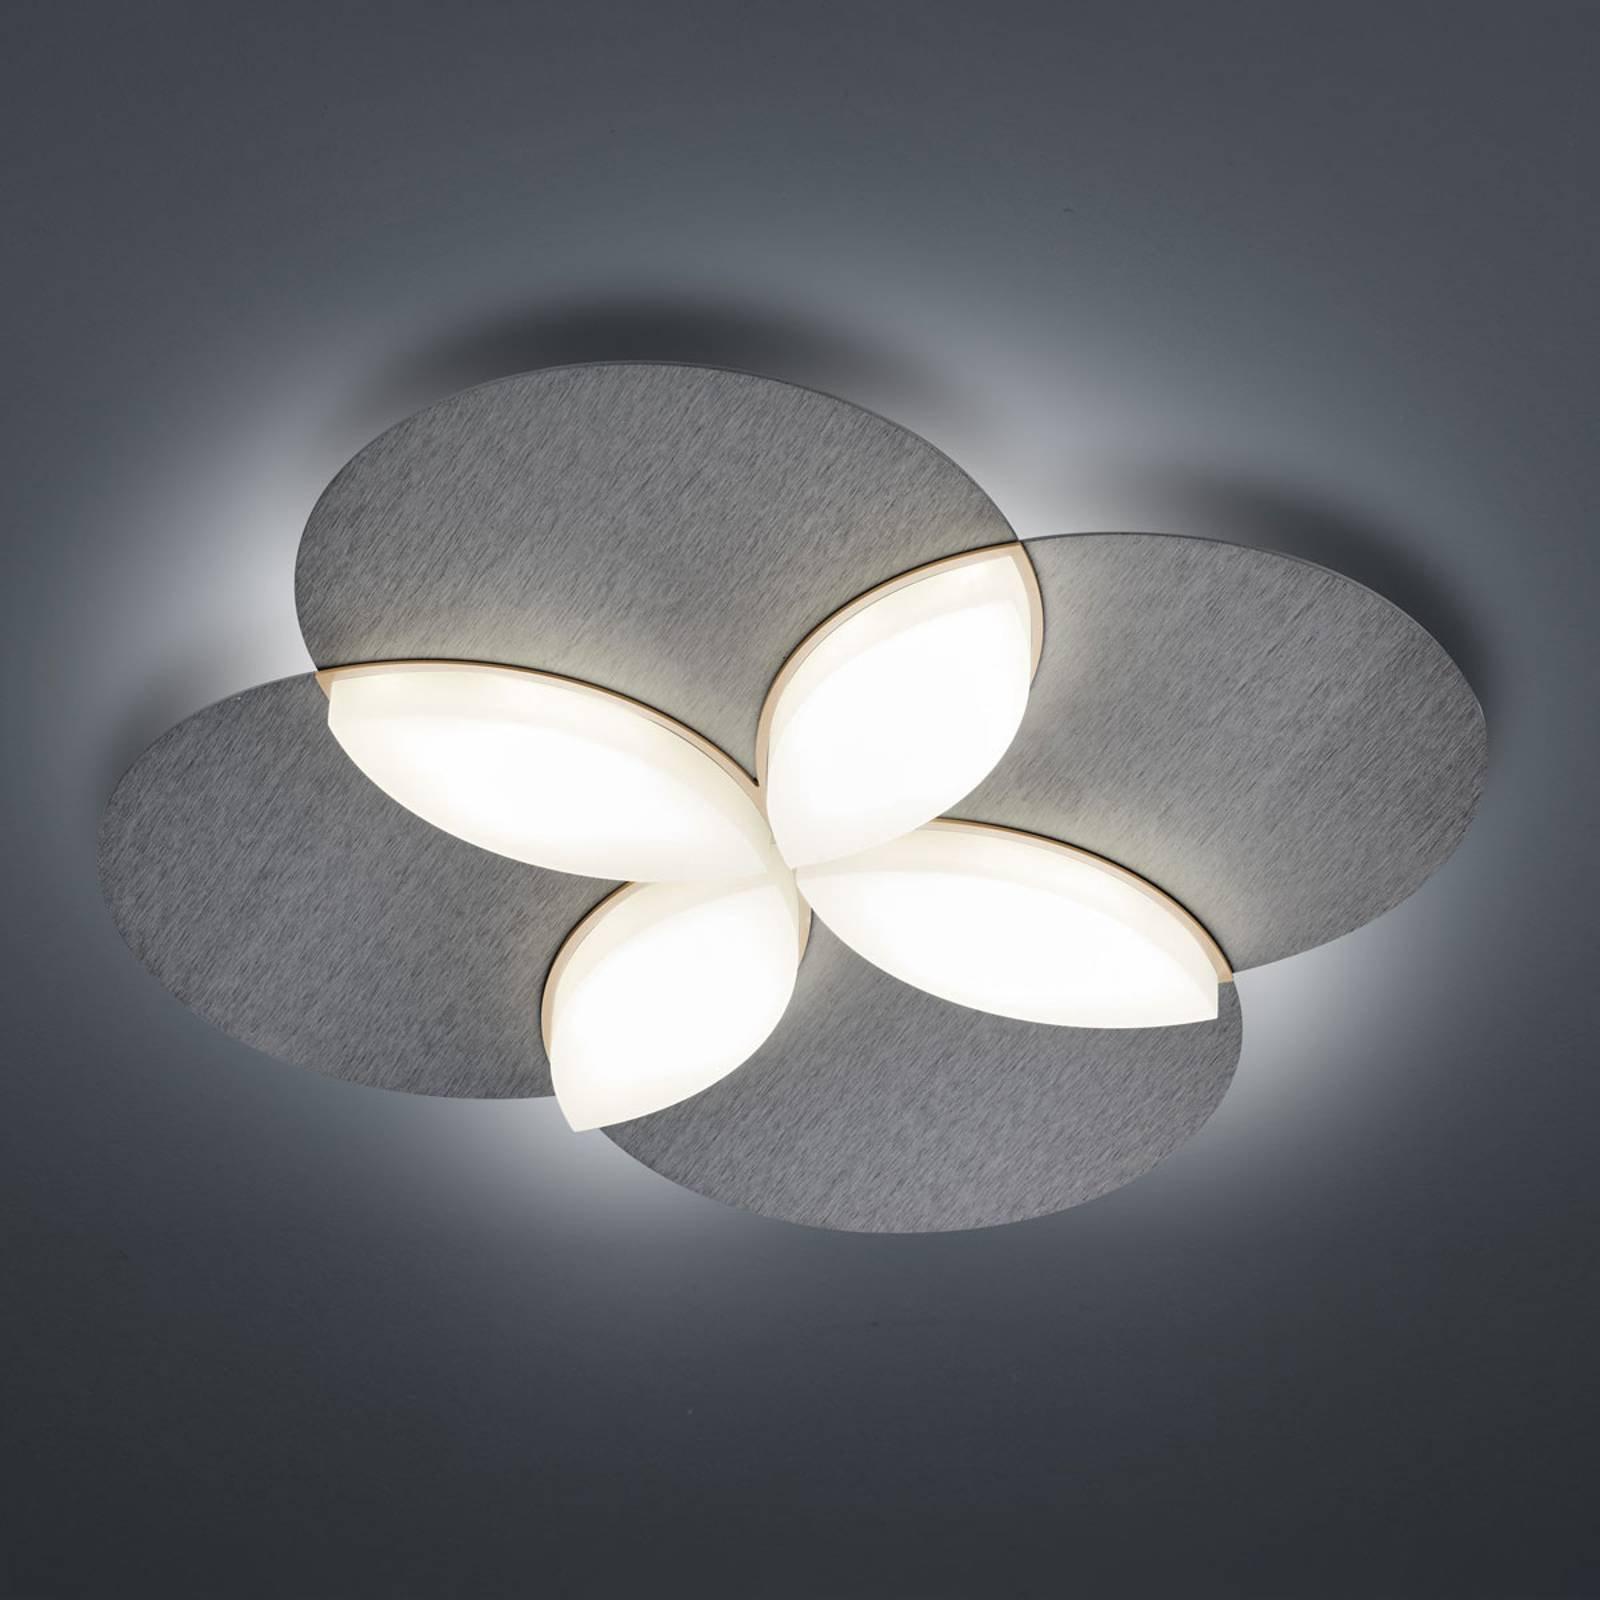 BANKAMP Spring LED-taklampe, antrasitt matt